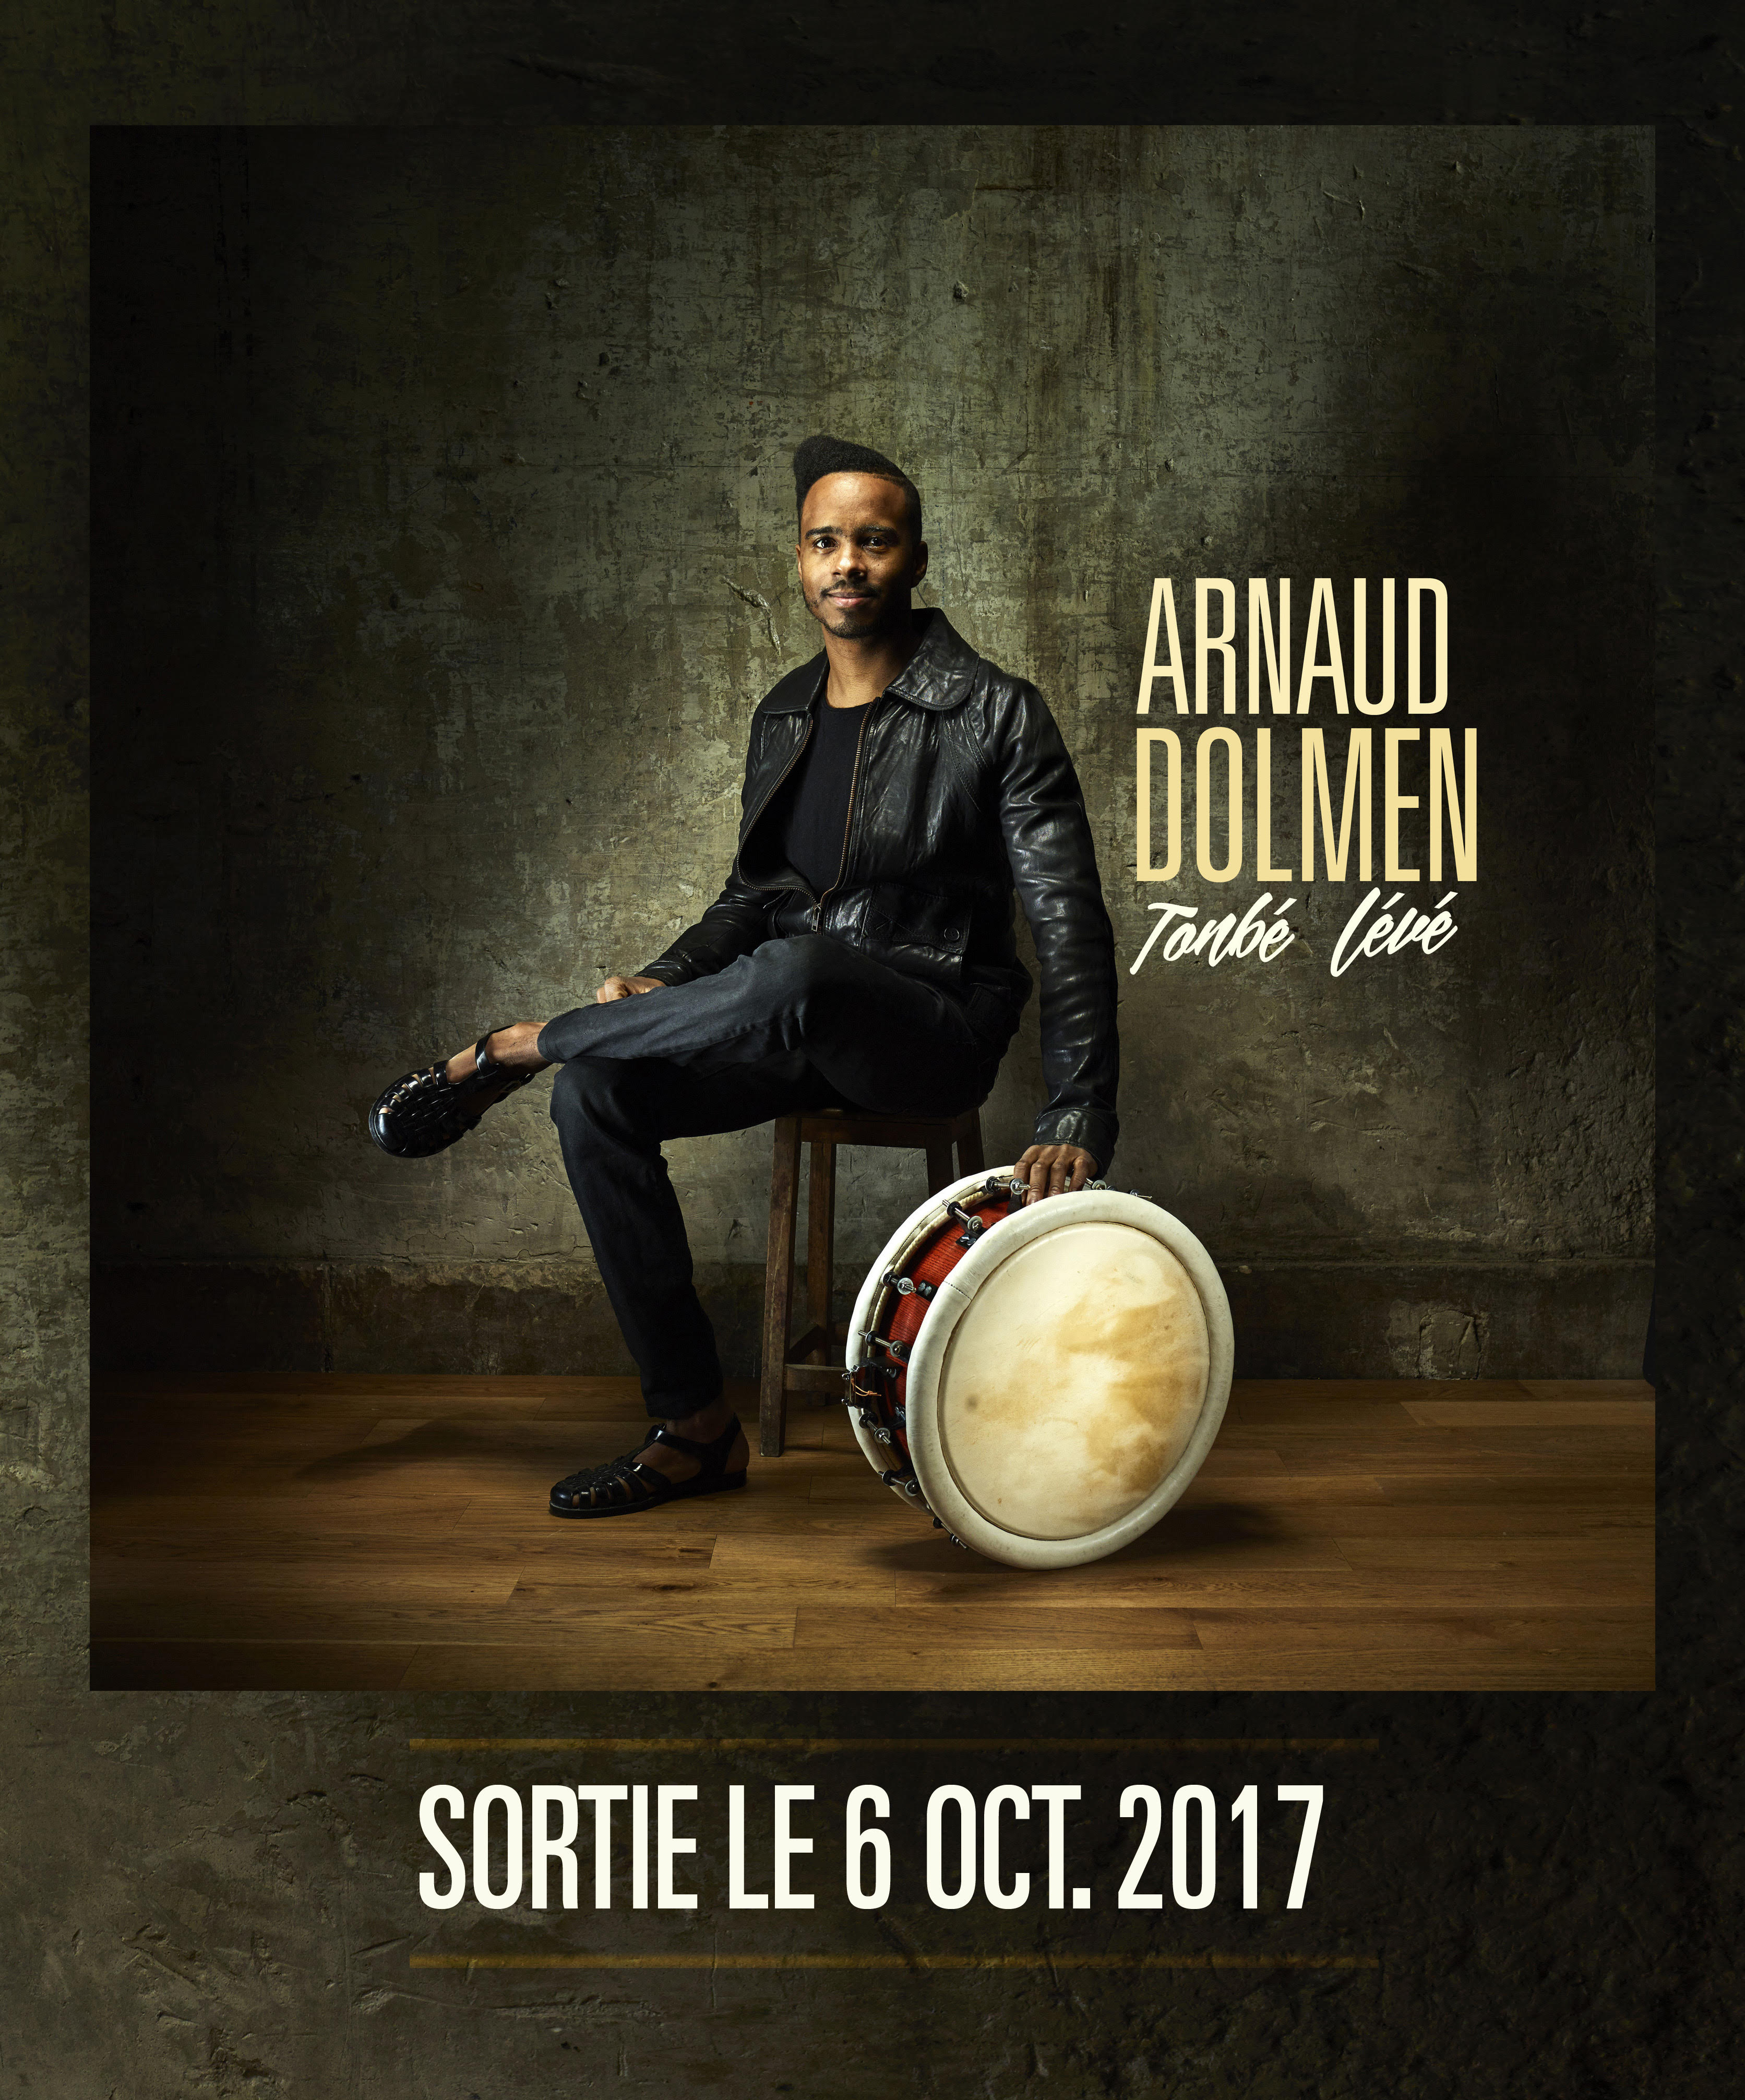 Sortie du premier album d'Arnaud Dolmen le 6 Octobre